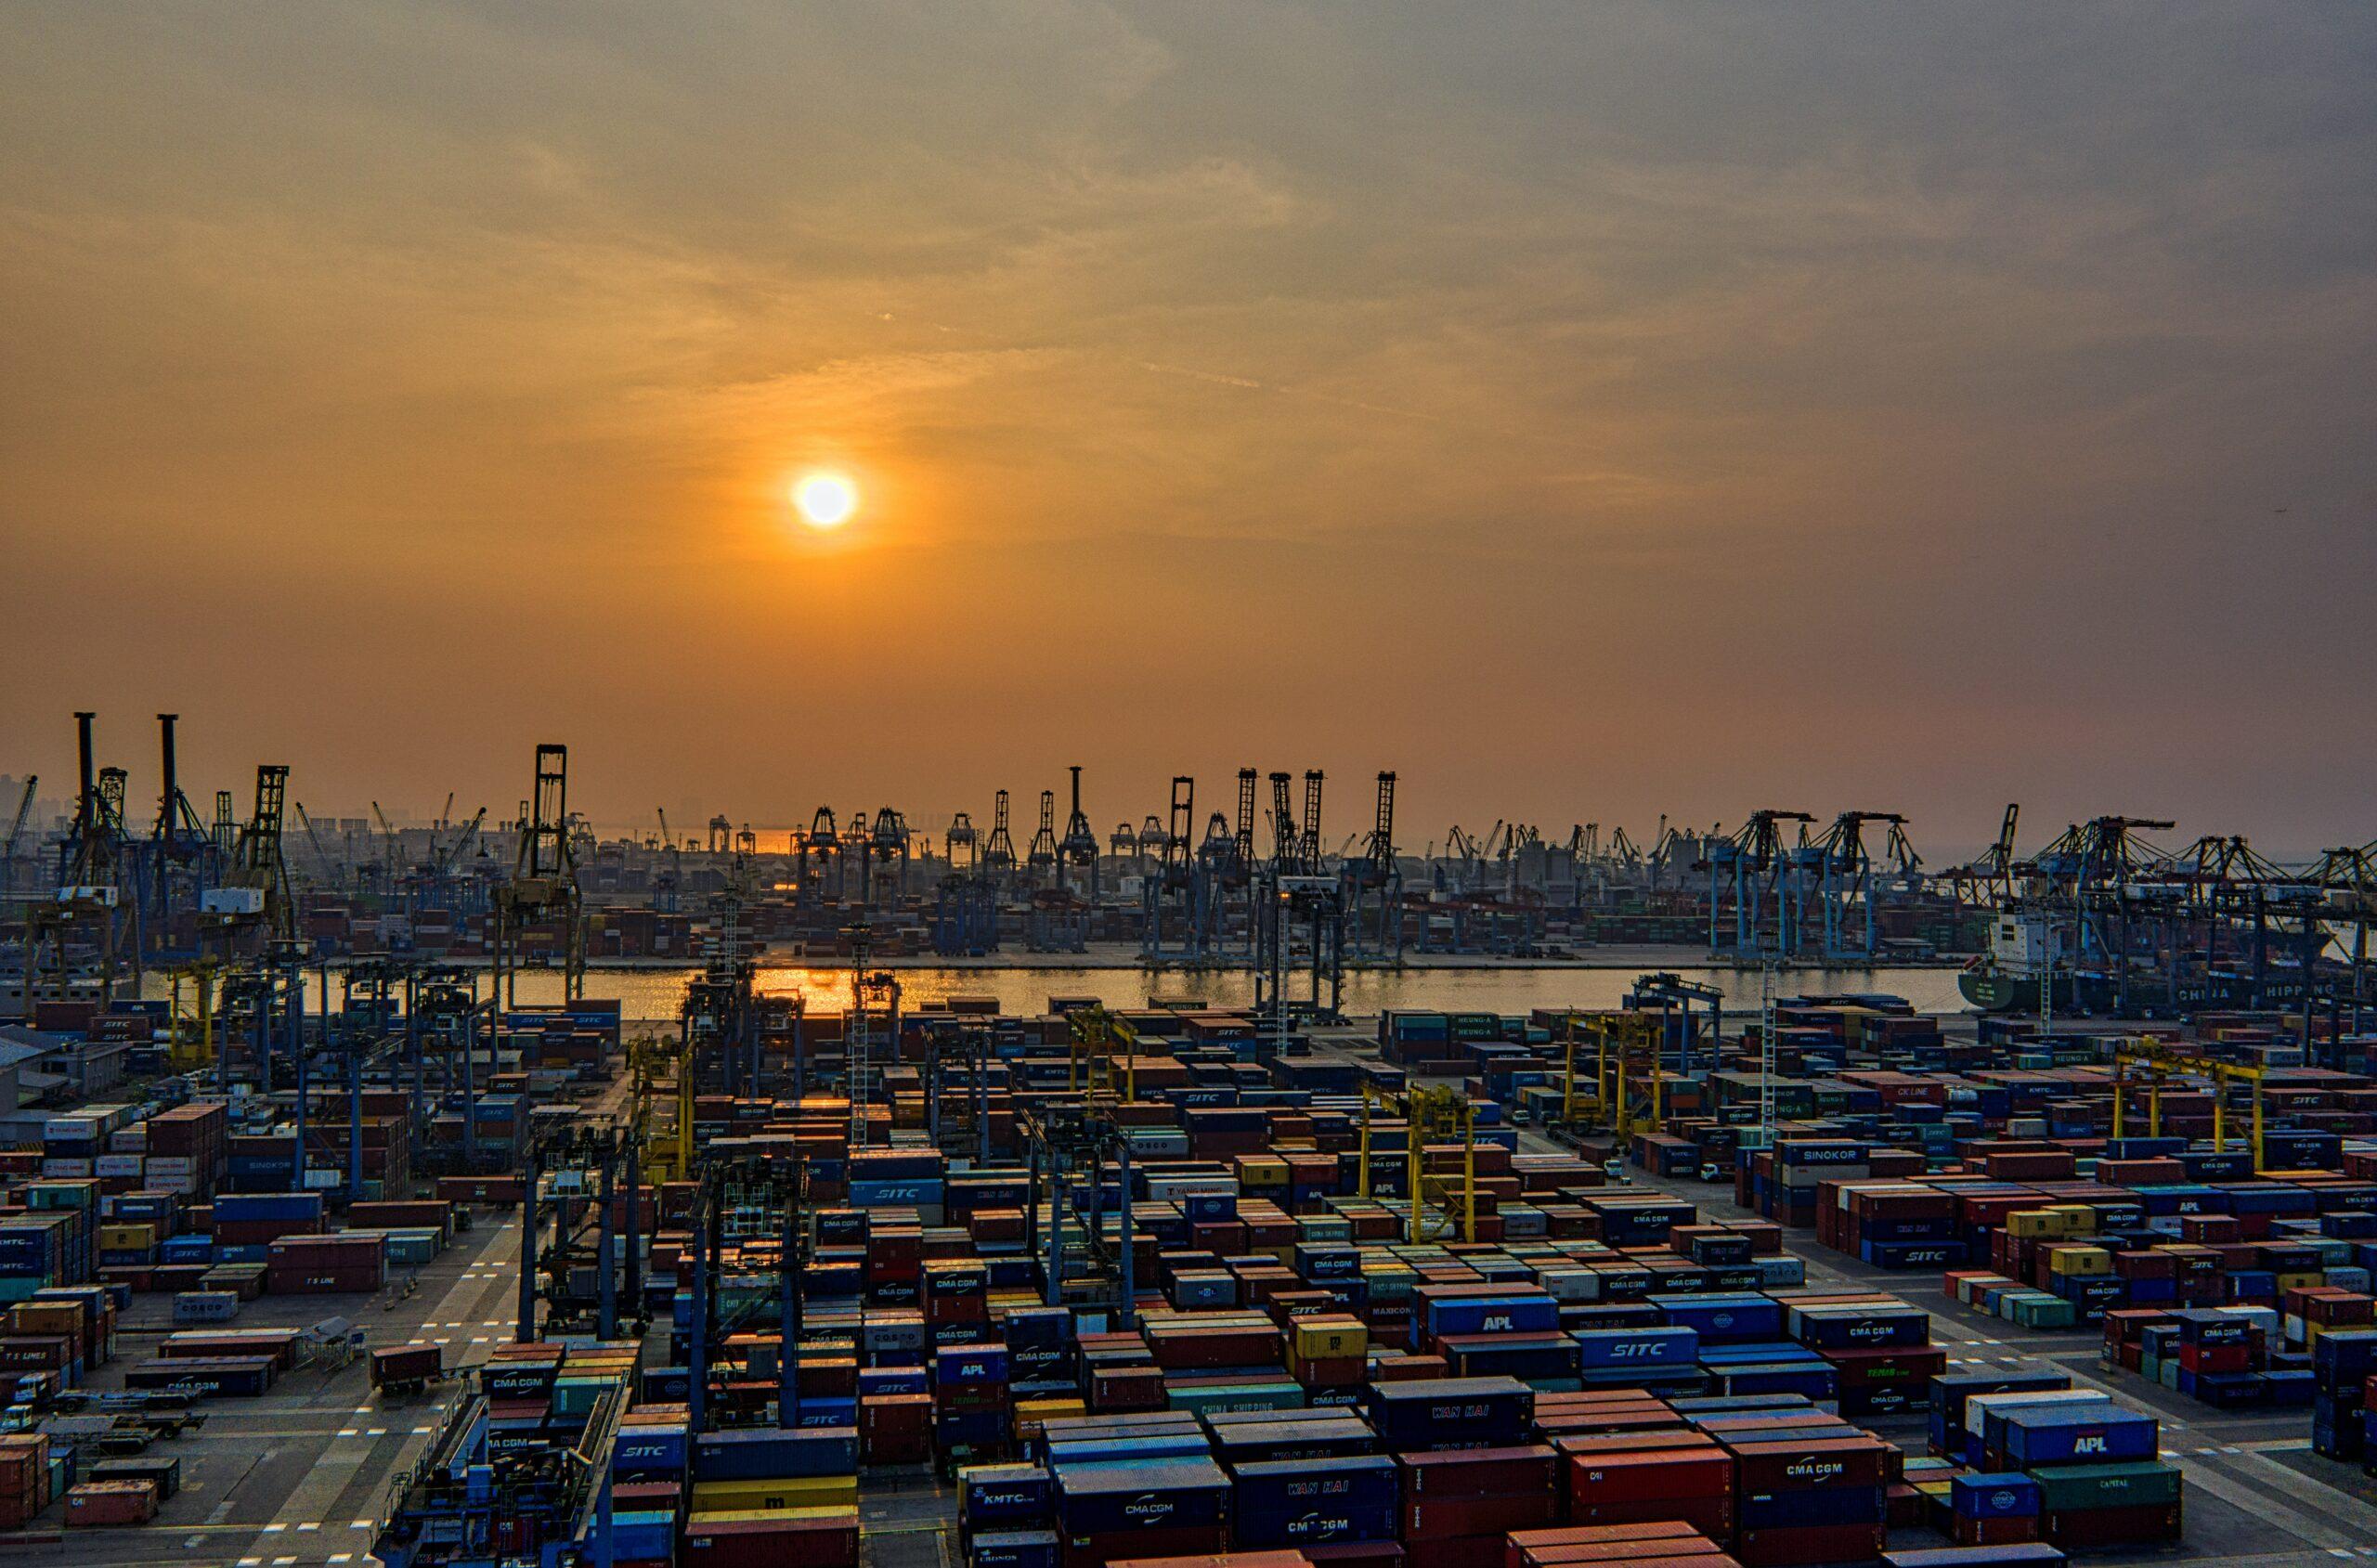 Quanto incide l'alto prezzo del trasporto in container sulla logistica e sui prezzi delle merci e come si ripercuote il basso livello di servizio sulla vita delle aziende italiane